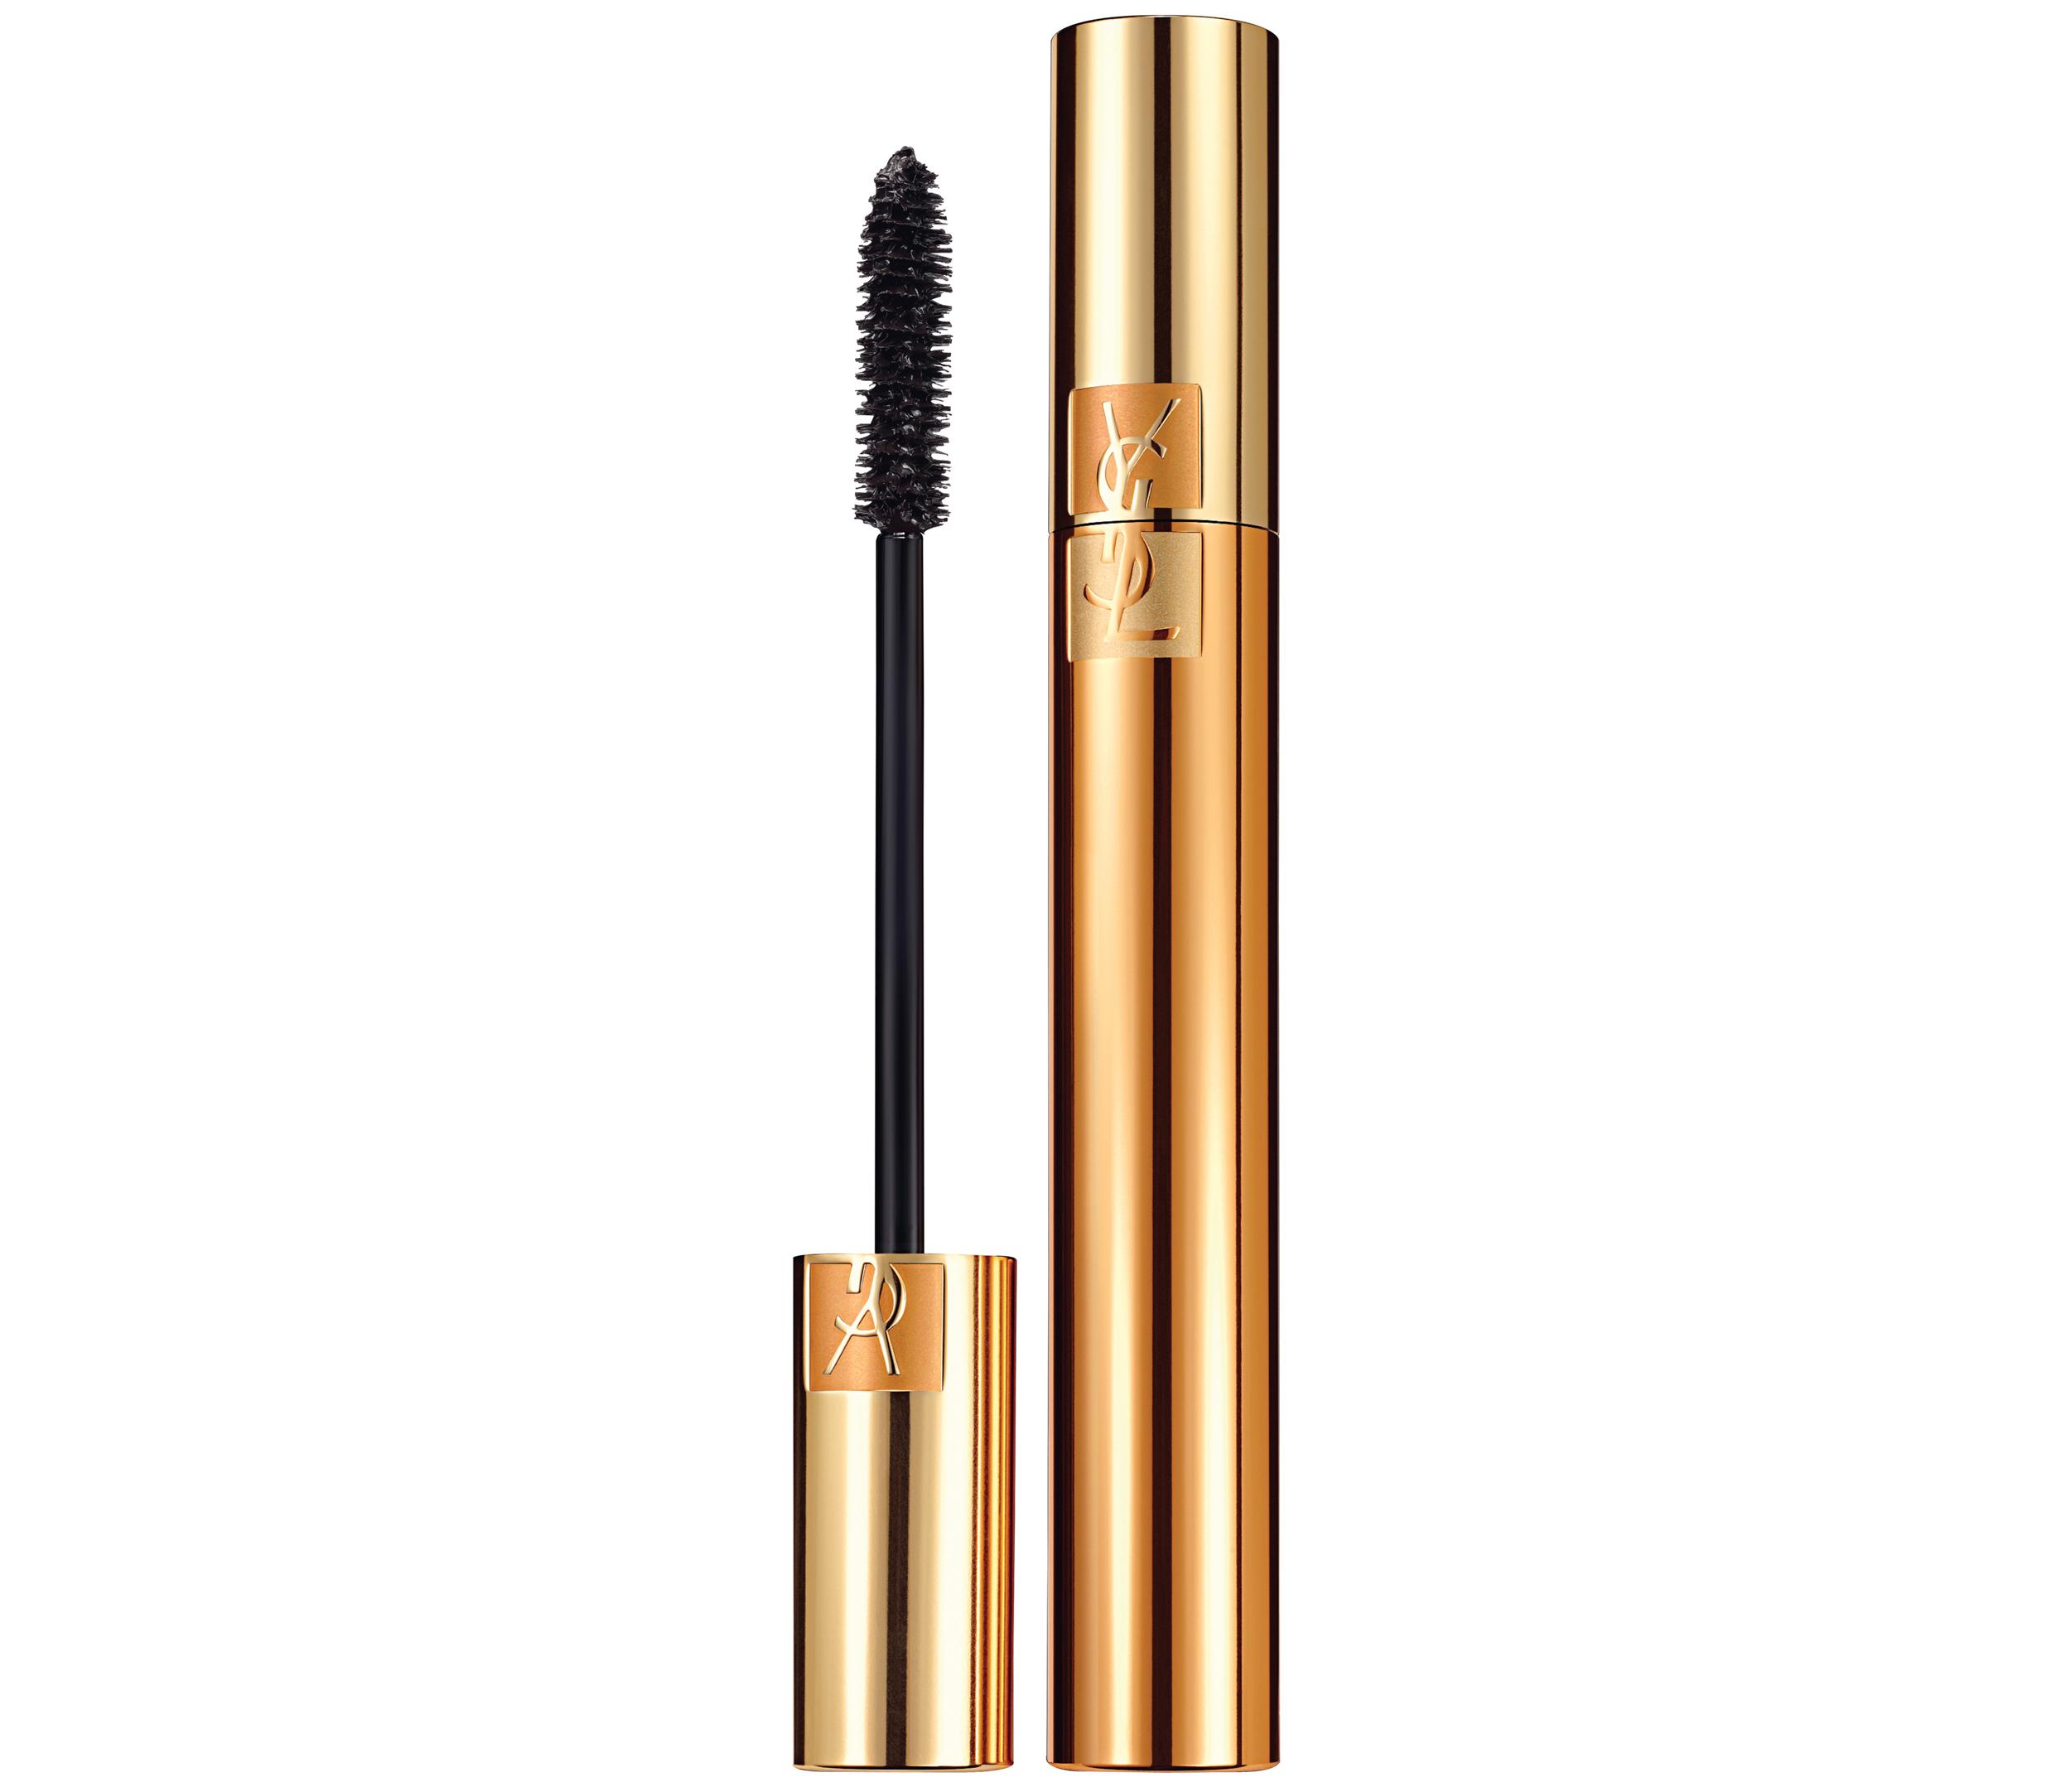 YSL Beauty Luxurious Mascara